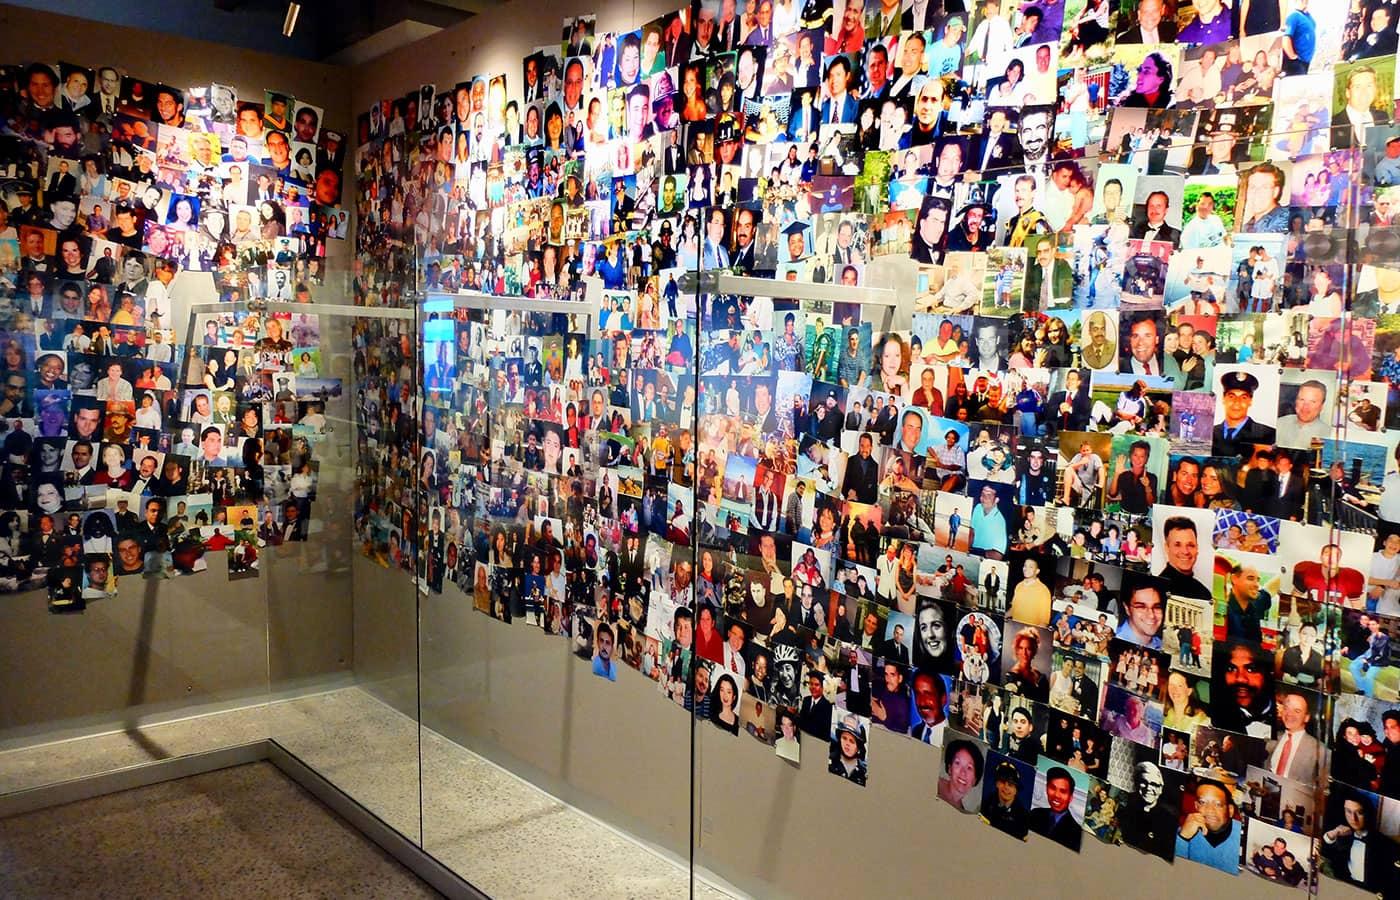 ニューヨーク 911 トリビュート博物館 - フォトウォール